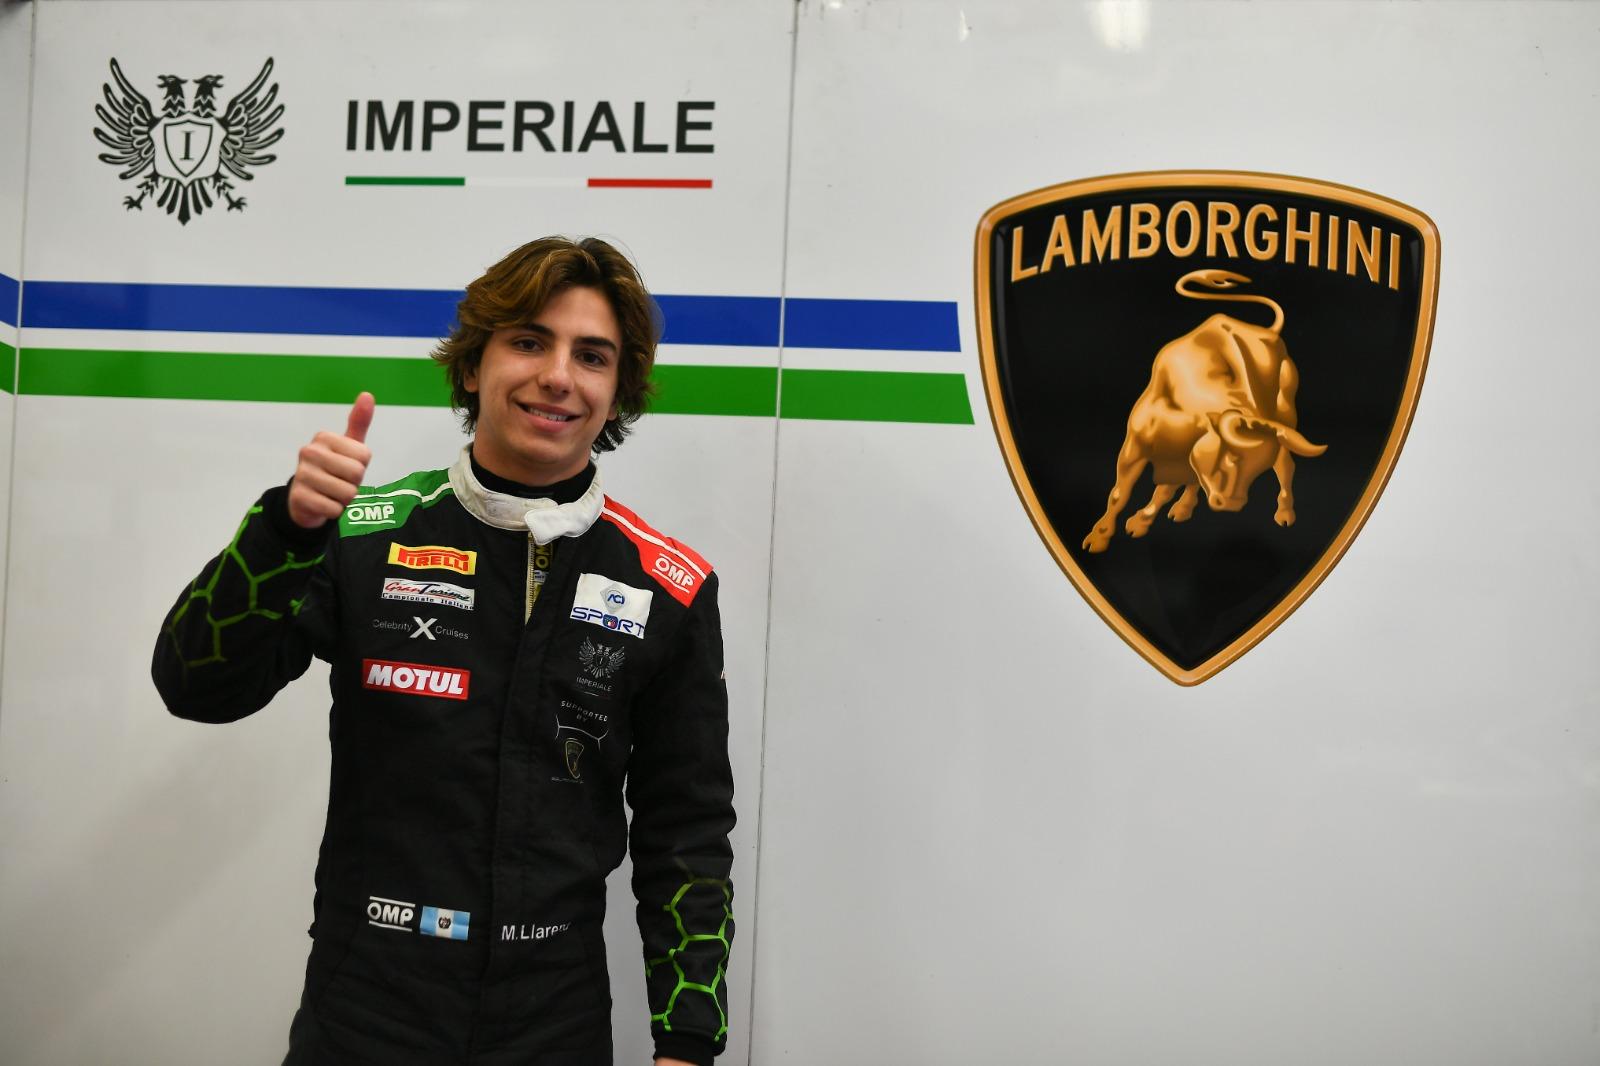 De esta manera Llarena finaliza su año de debut en el Campeonato Italiano GT Sprint 2021, en el cual vivió momentos muy intensos y felices, como subir al podio en la 2da. carrera de la 2da. fecha realizada en junio último en el World Circuit de Misano, donde finalizó en la 3ra. posición de la división PRO-AM y 6to. en la clasificación general.